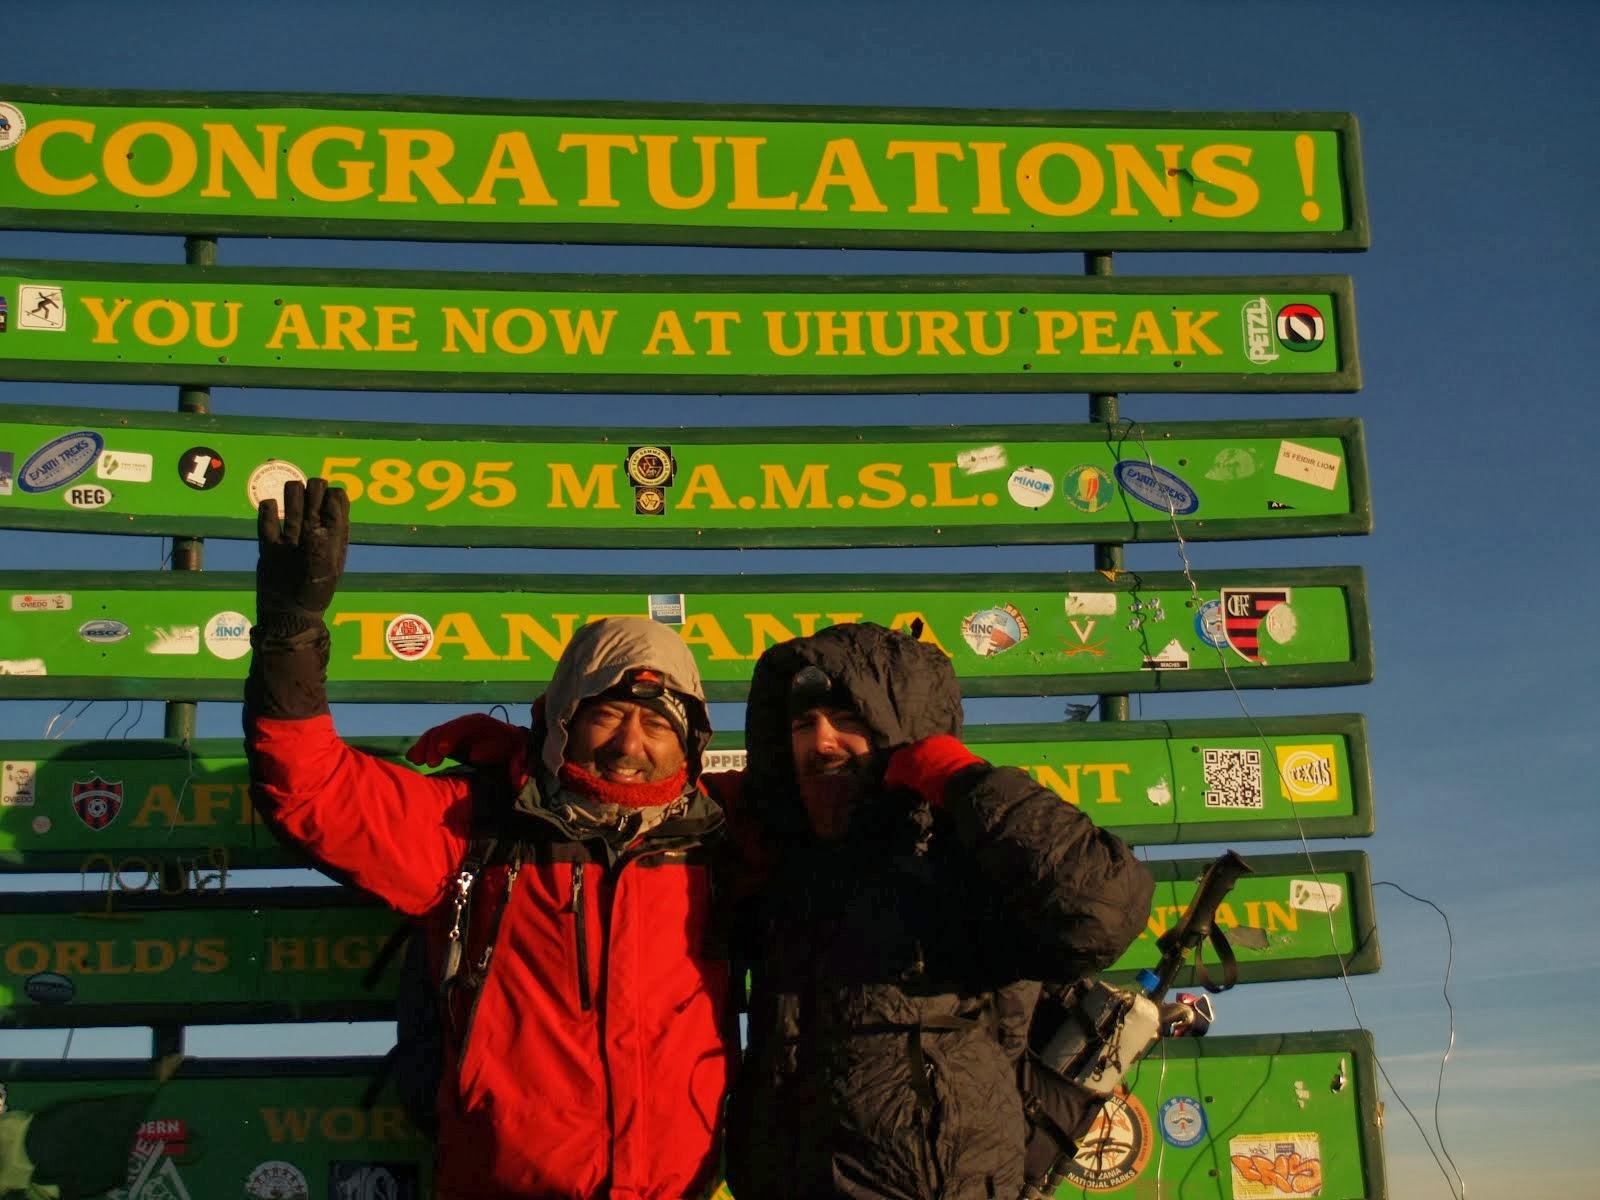 Kilimanjaro Jul/12